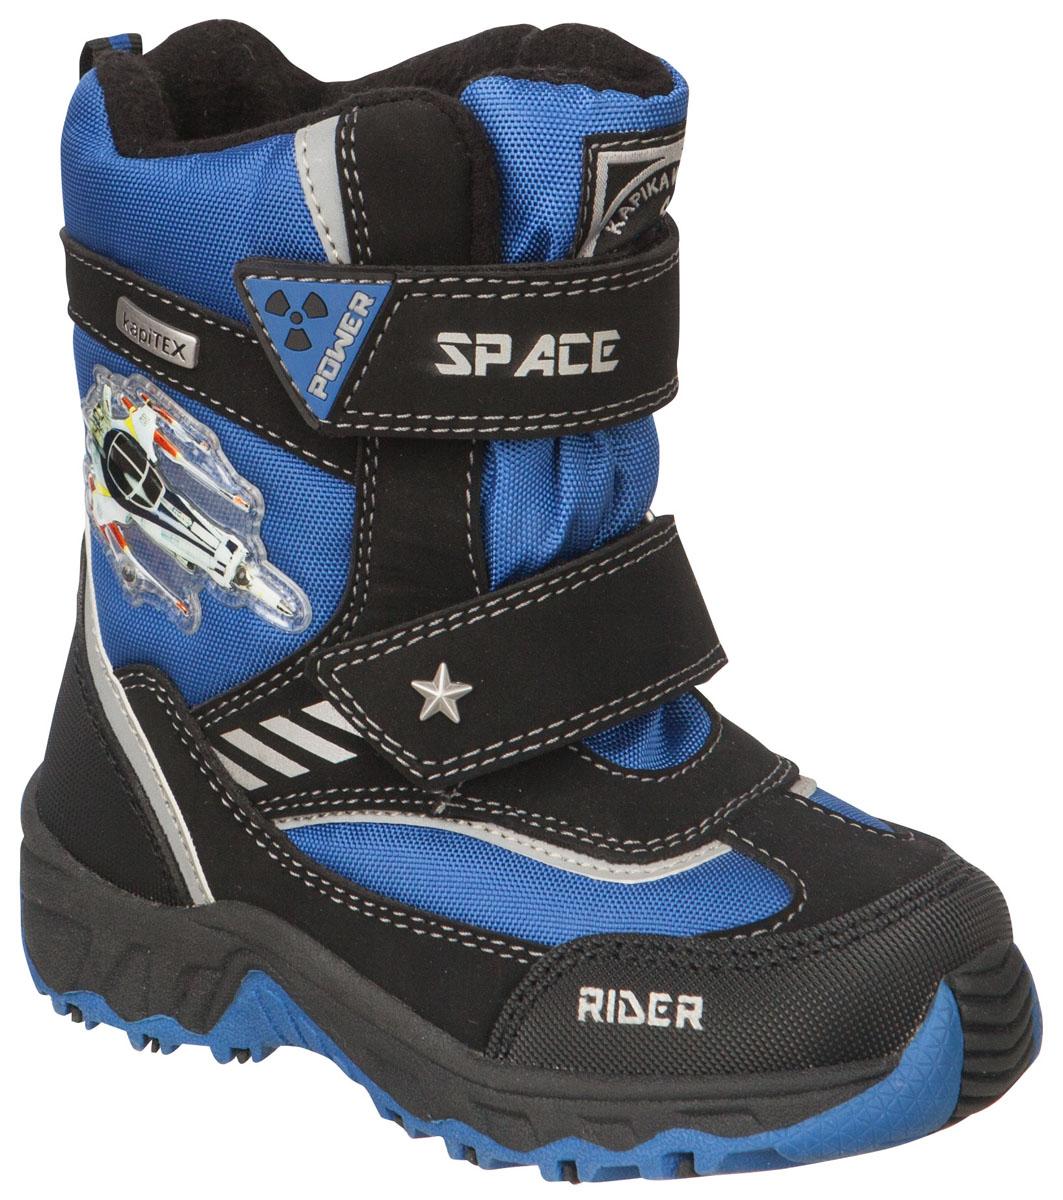 41133-1Легкие, удобные и теплые ботинки от Kapika выполнены из мембранных материалов и искусственной кожи. Два ремешка на застежках-липучках надежно фиксируют изделие на ноге. Мягкая подкладка и стелька из шерсти обеспечивают тепло, циркуляцию воздуха и сохраняют комфортный микроклимат в обуви. Подошва с протектором гарантирует идеальное сцепление с любыми поверхностями. Идеальная зимняя обувь для активных детей и подростков.